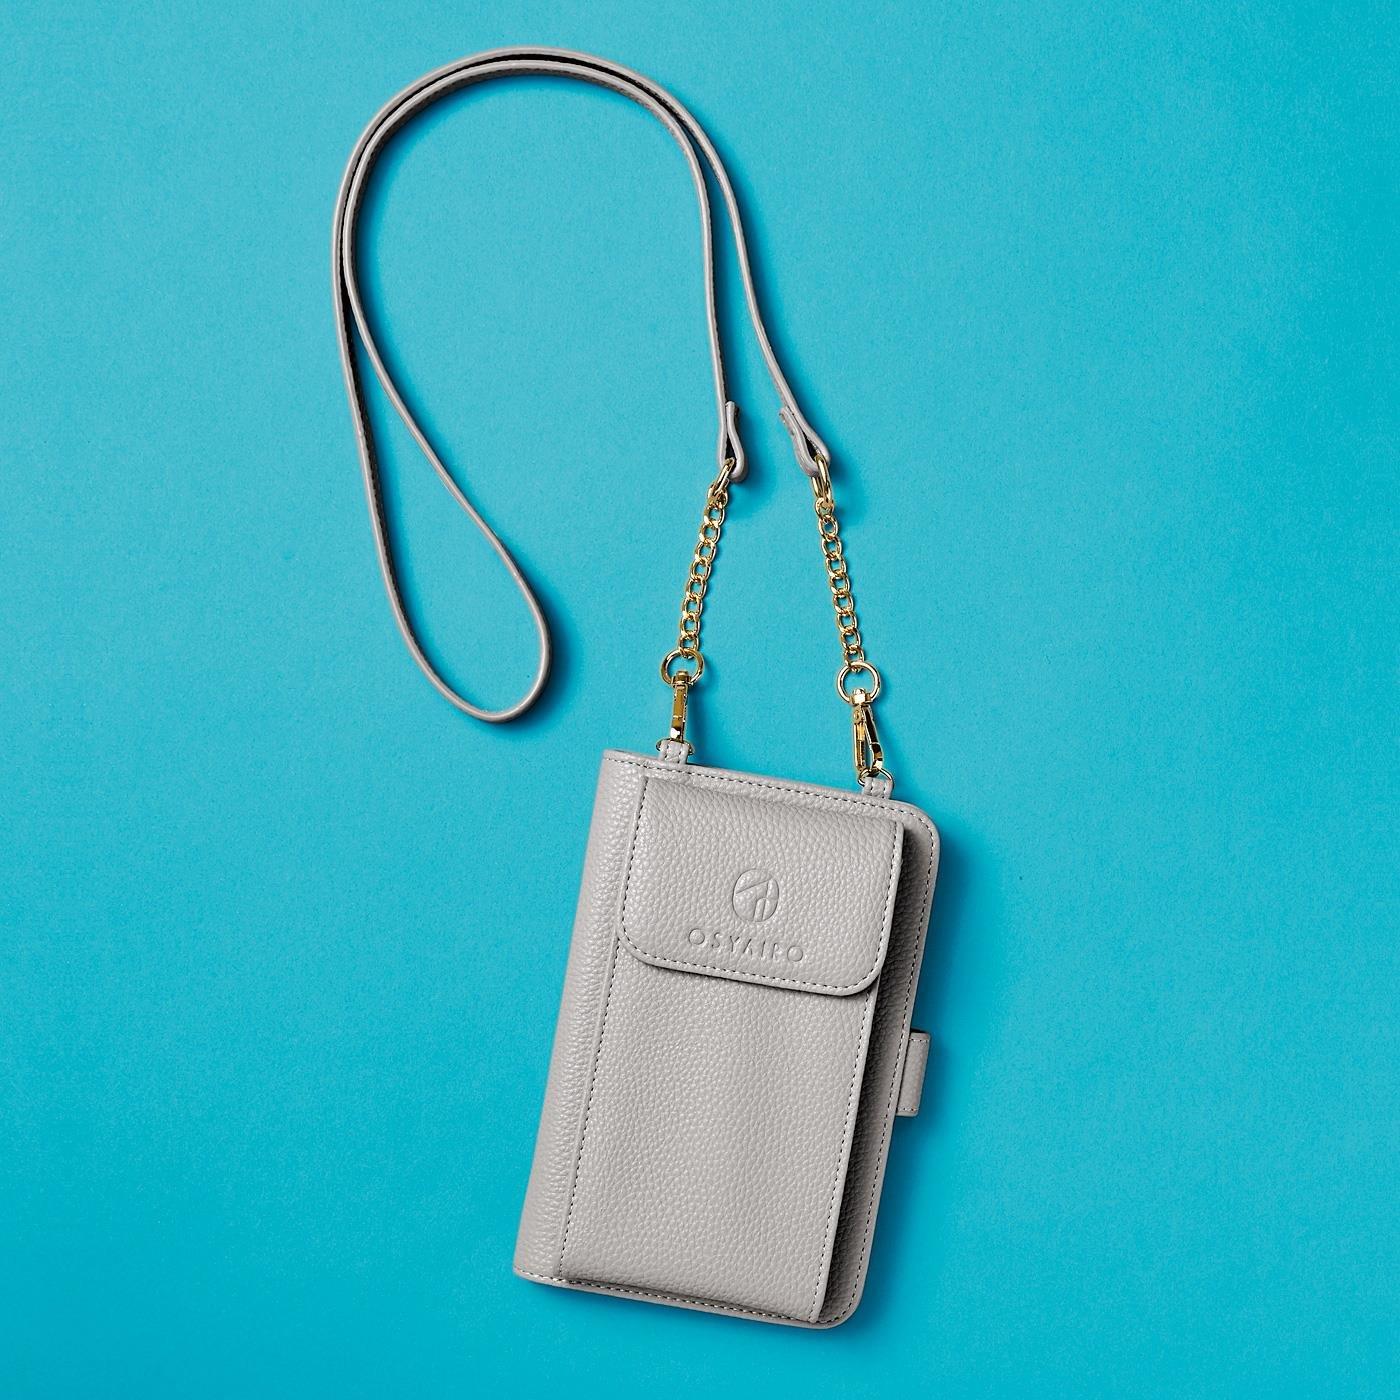 【3~10日でお届け】 OSYAIRO フォトポケットが付いた スマホ&おさいふポーチ〈ブルー〉